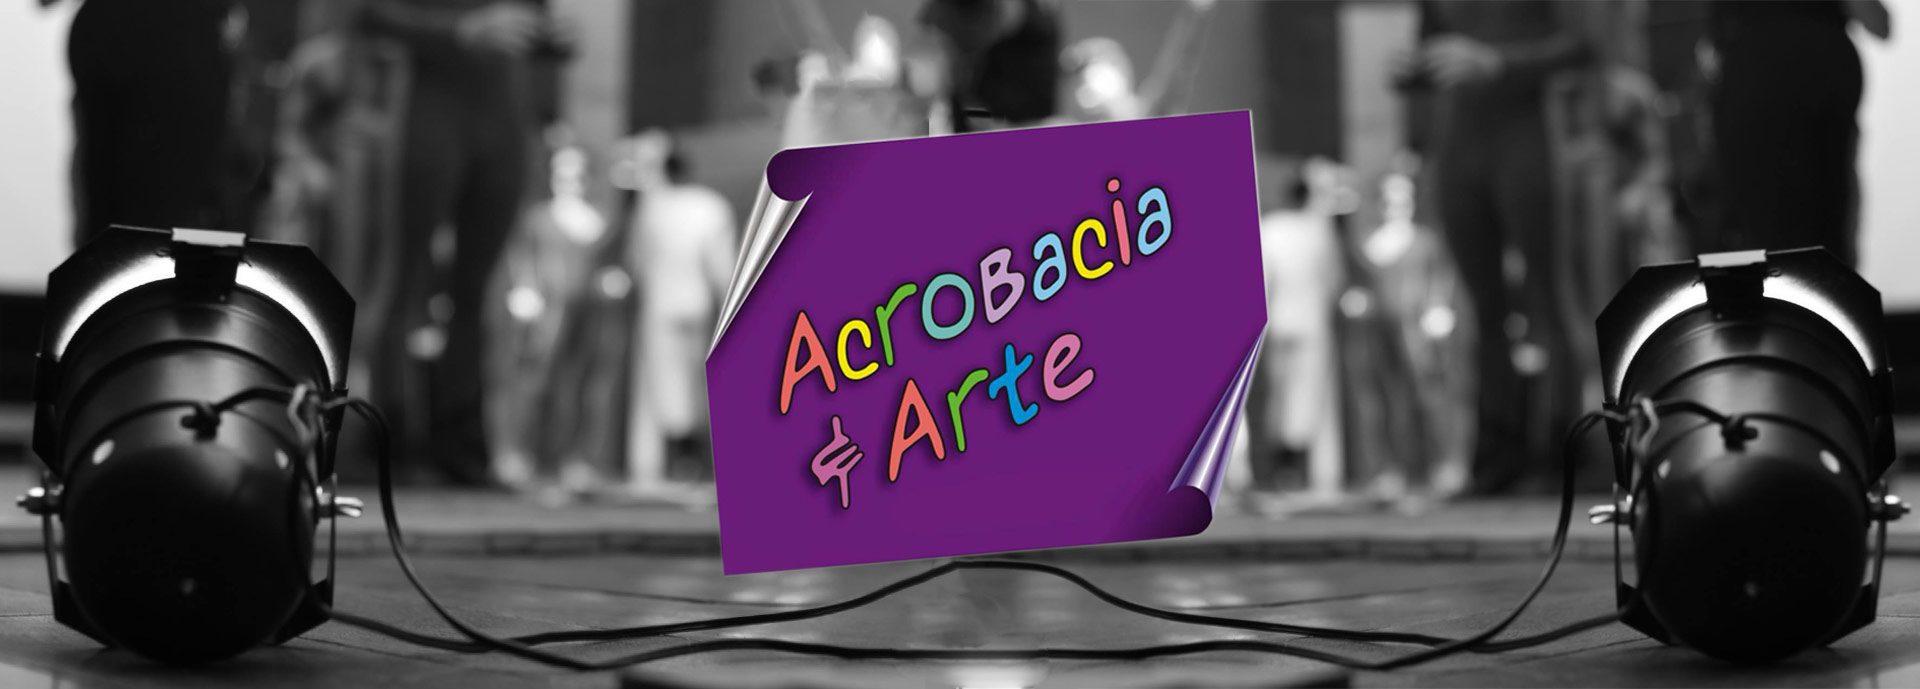 Acrobacia & Arte